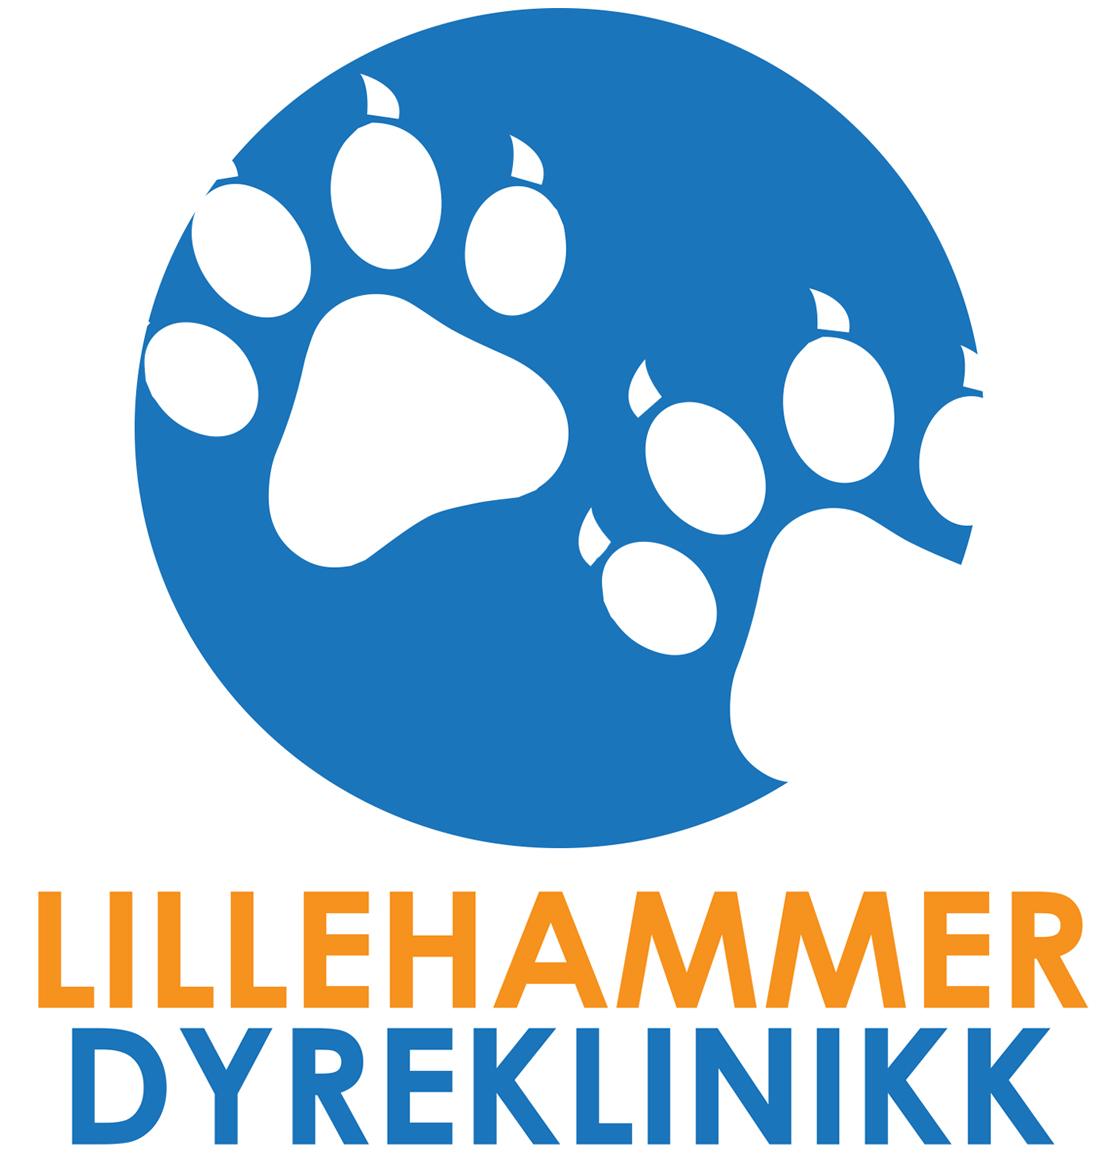 Lillehammer Dyreklinikk